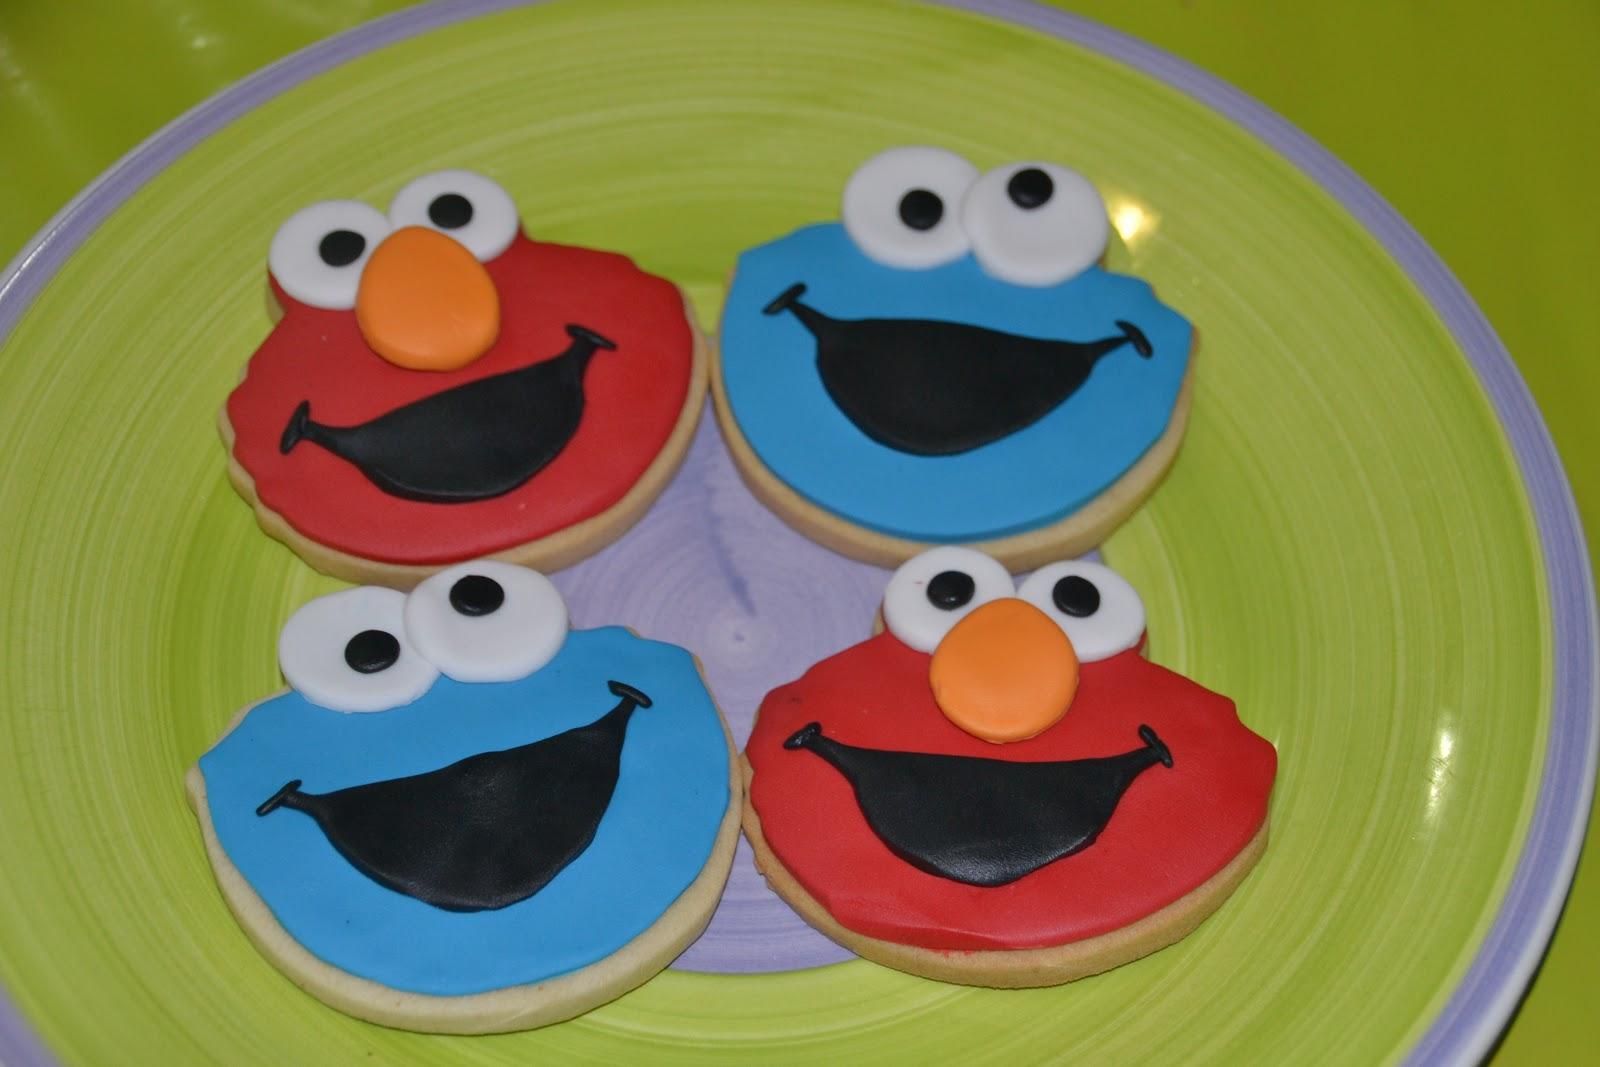 Las tartas de eva galleticas cookie monster y elmo tena muchas ganas de hacerlas porque compr los moldes y no encontraba el momento para darles uso me parecen muy simpticos estos personajes jeje voltagebd Images